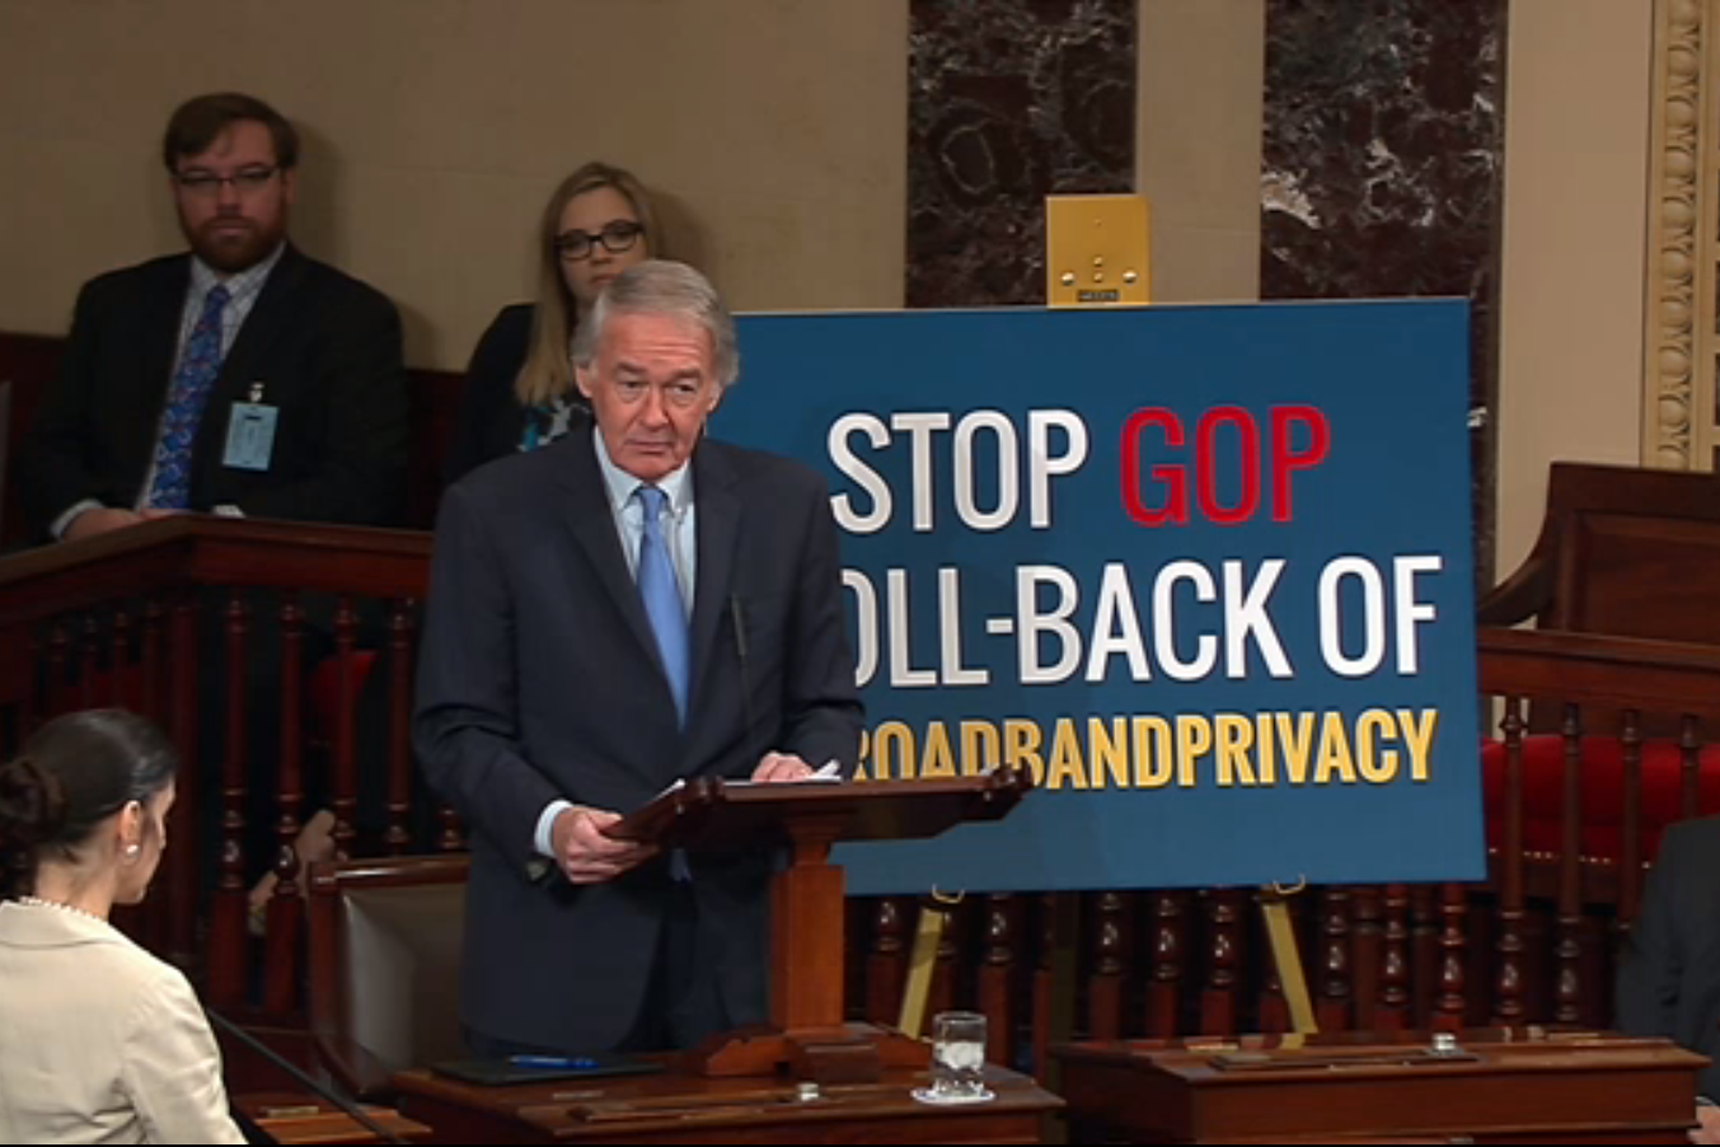 Сенат США підтримав законопроект, що дозволяє інтернет-провайдерам використовувати персональні дані користувачів без їх згоди